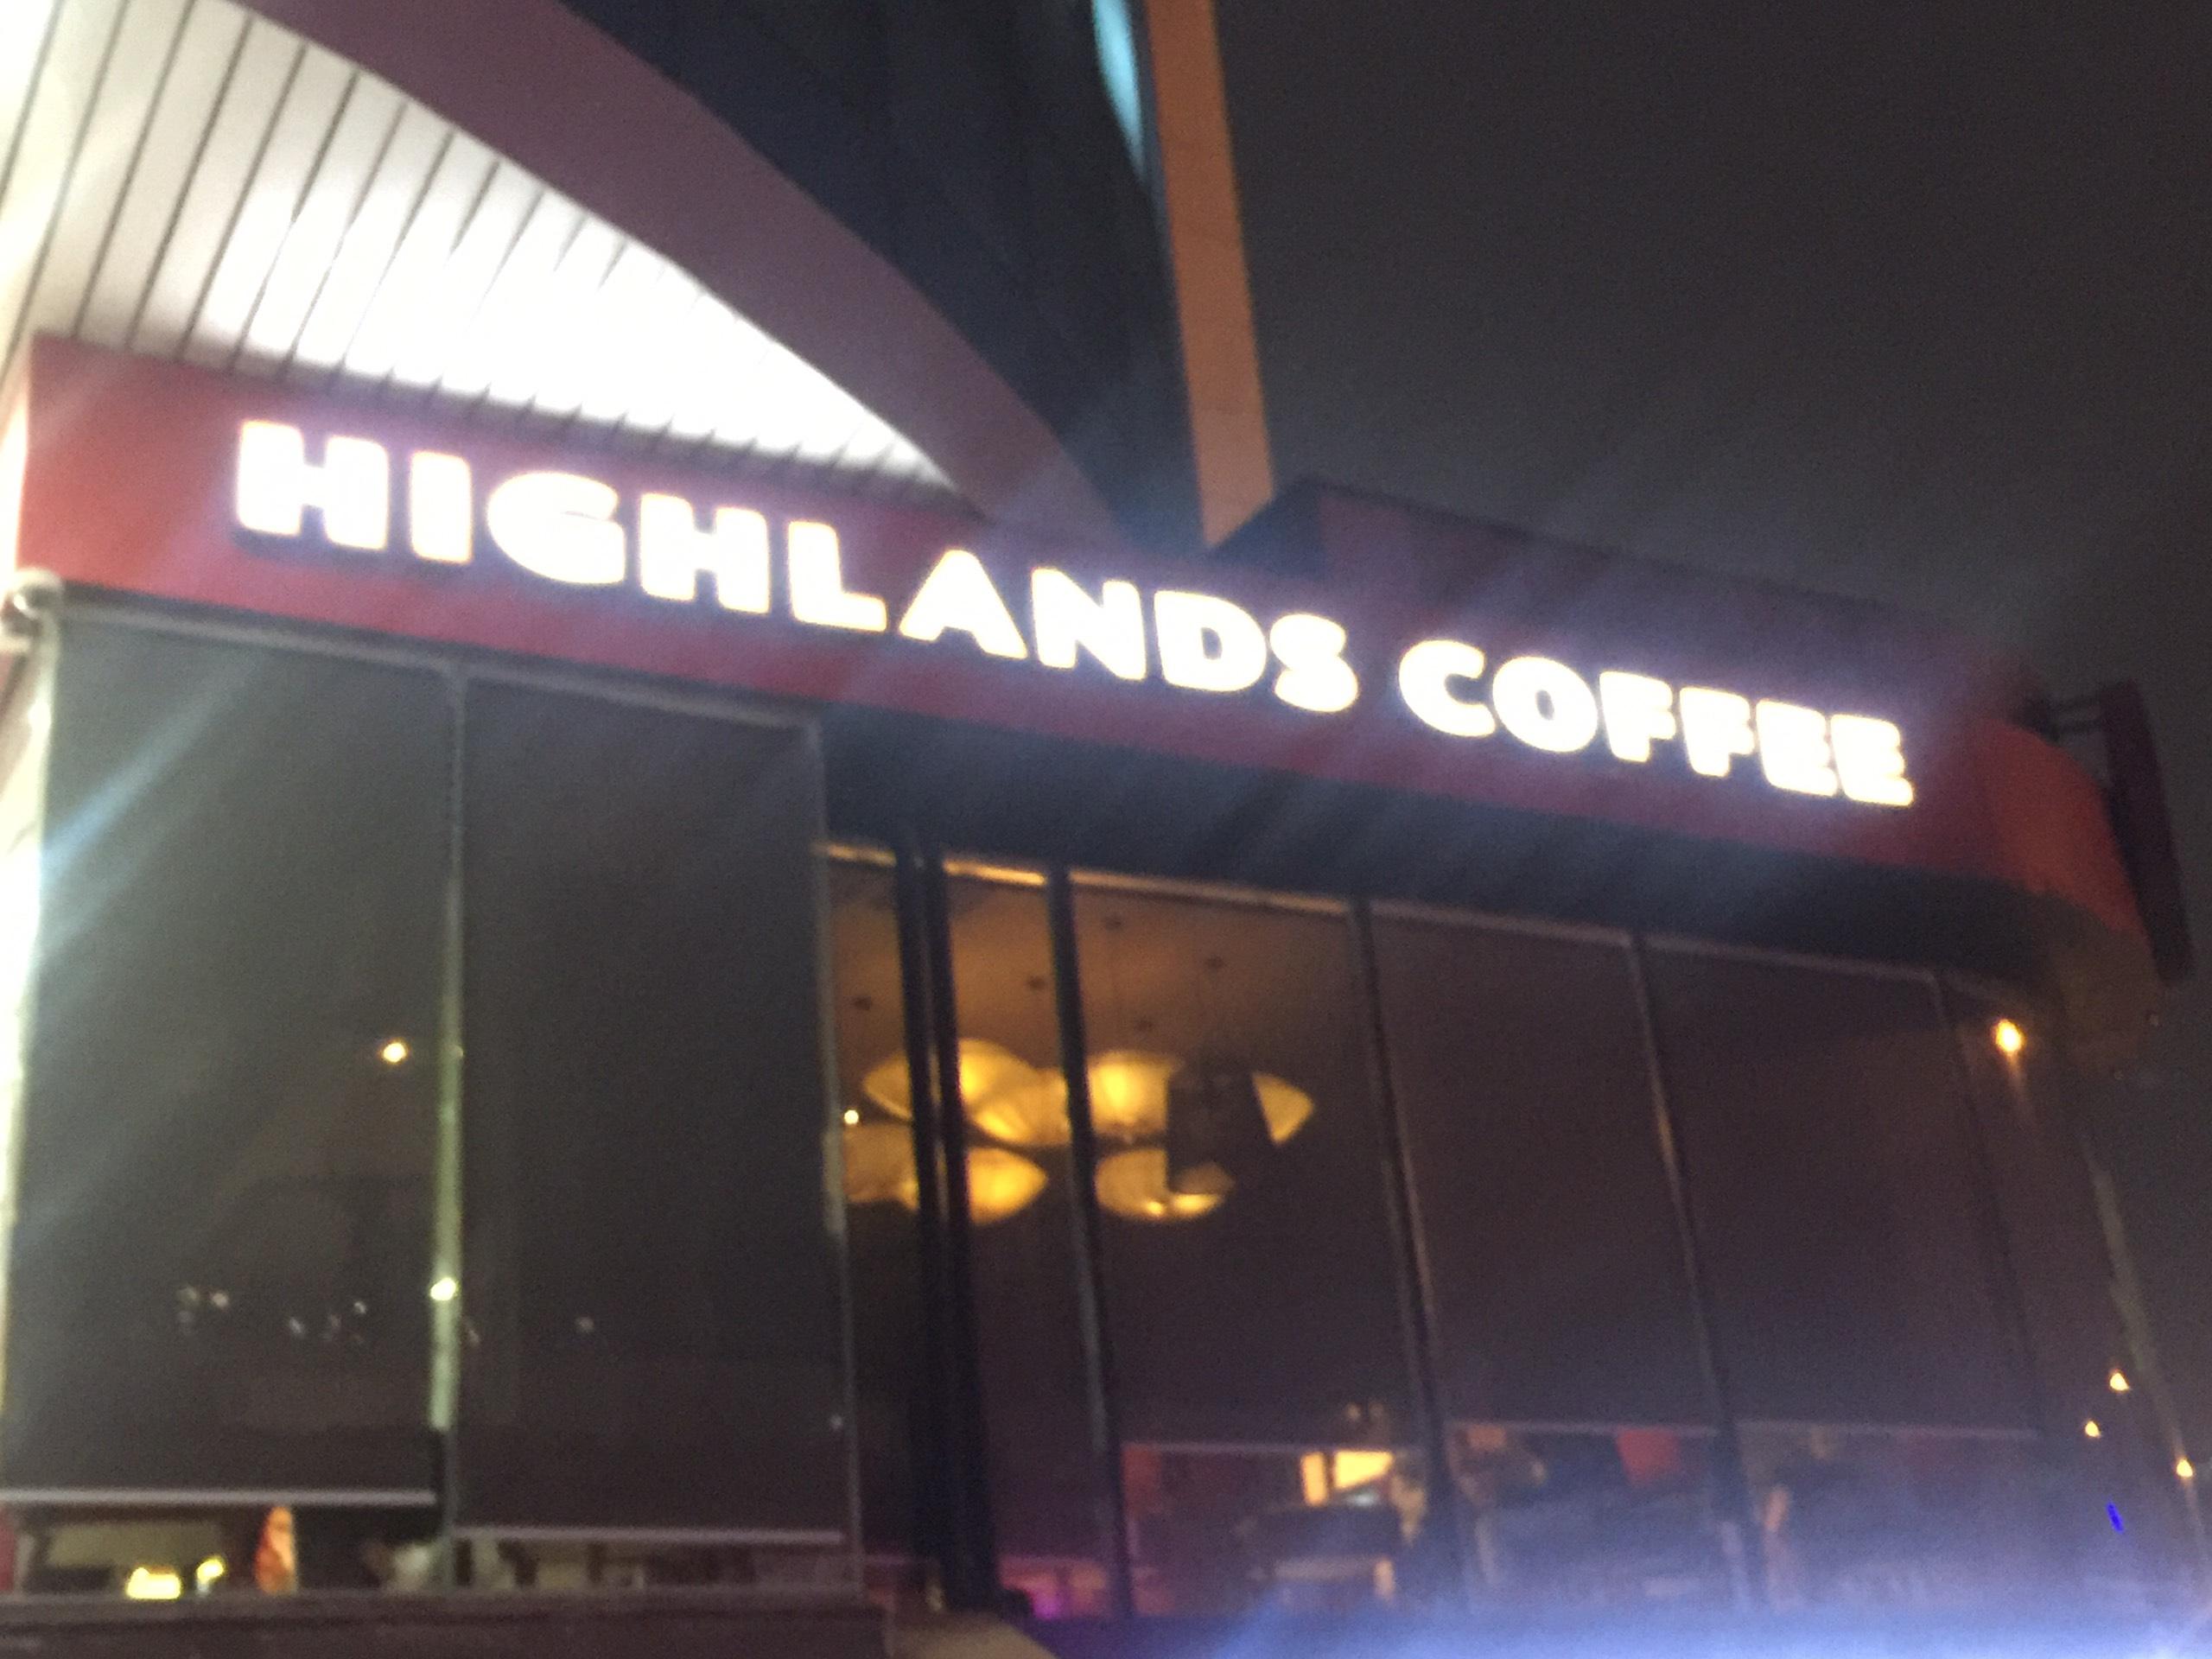 Một quán Highlands Coffee ở Hà Đông kéo rèm nhằm che mắt lực lượng chức năng, bên trong khách hàng và nhân viên vẫn hoạt động bình thường.